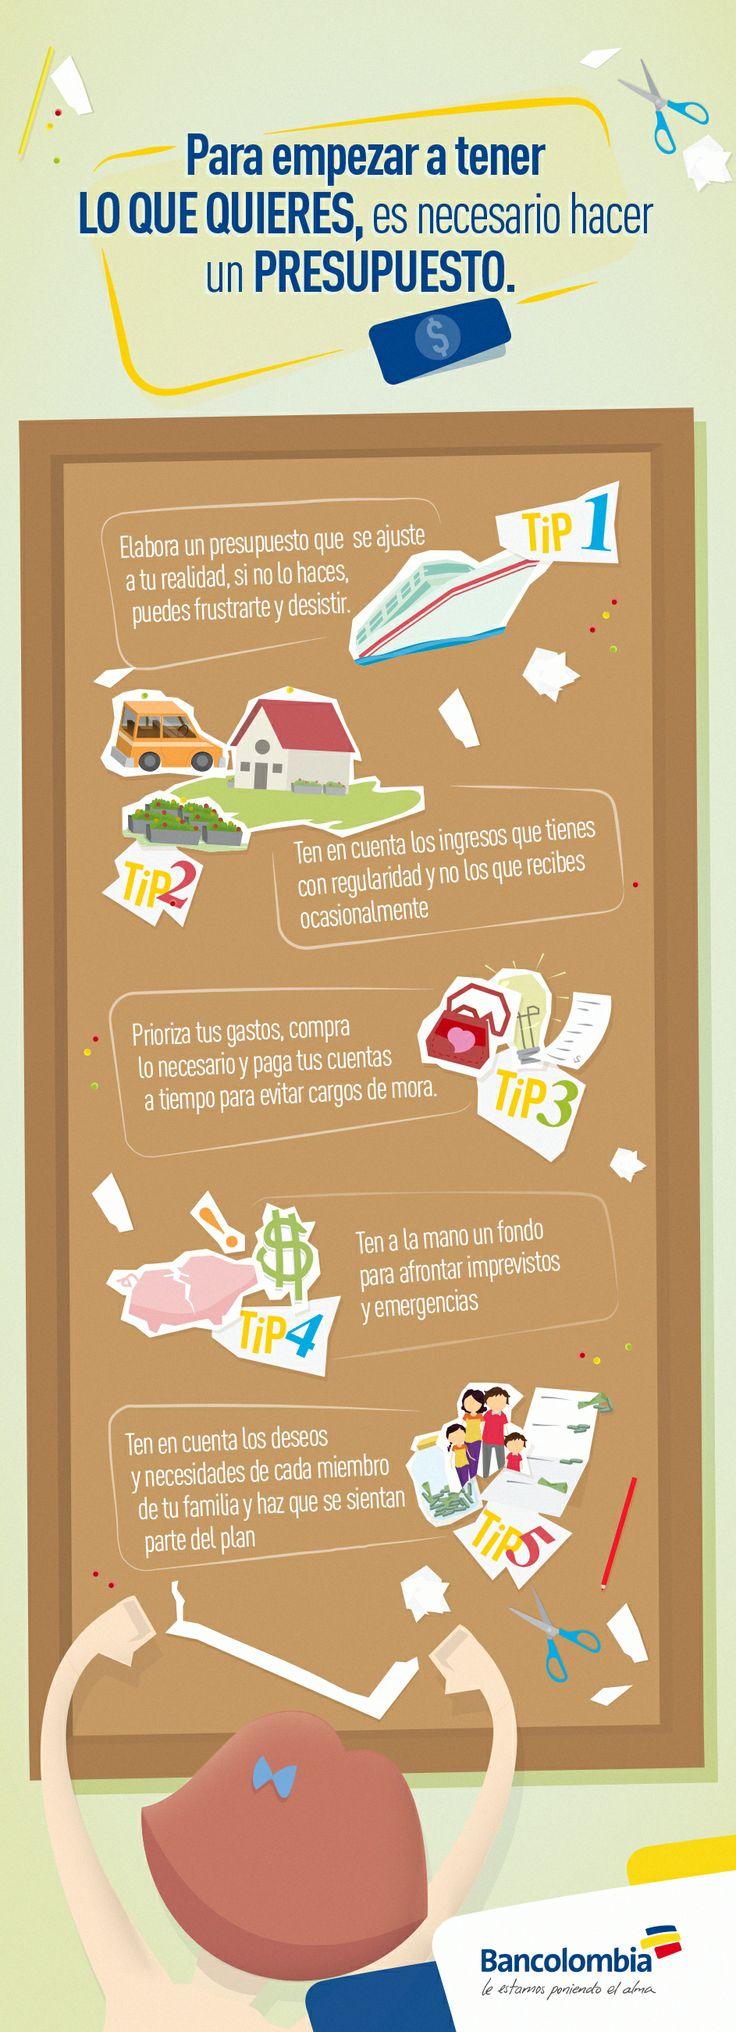 Un presupuesto requiere de un poco de planeación y compromiso. Acá te damos algunos consejos útiles. Conoce más en www.bancolombia.com/usoresponsable